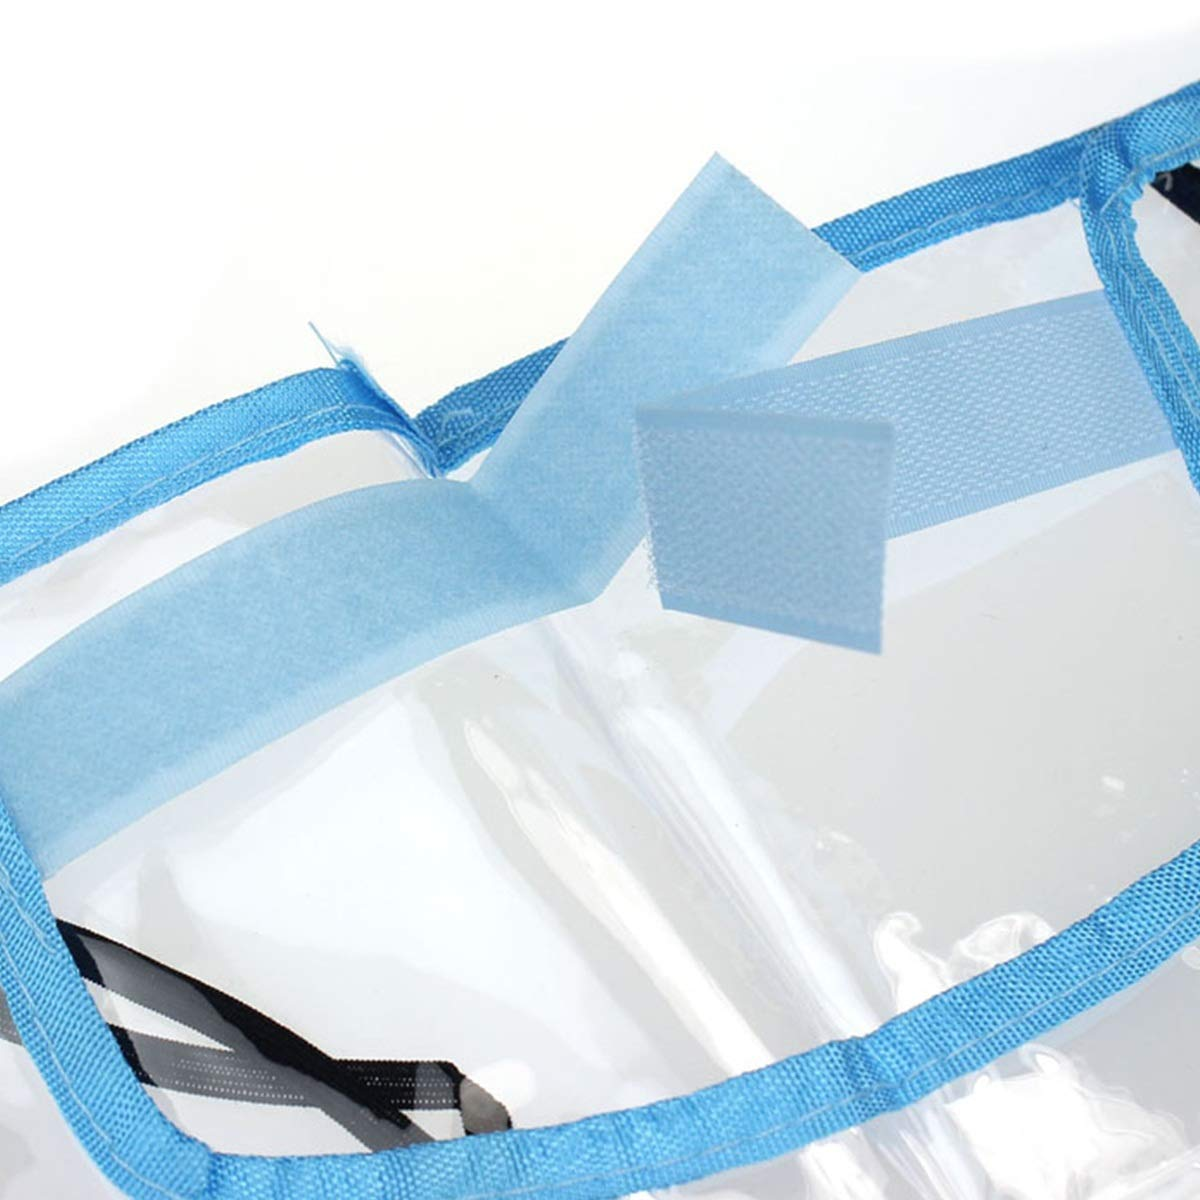 SH-RuiDu Direct Store Housse de Protection de Dossier de si/ège de Voiture Color : Blue Border Tapis antid/érapant pour Enfants Kick Mat Clean